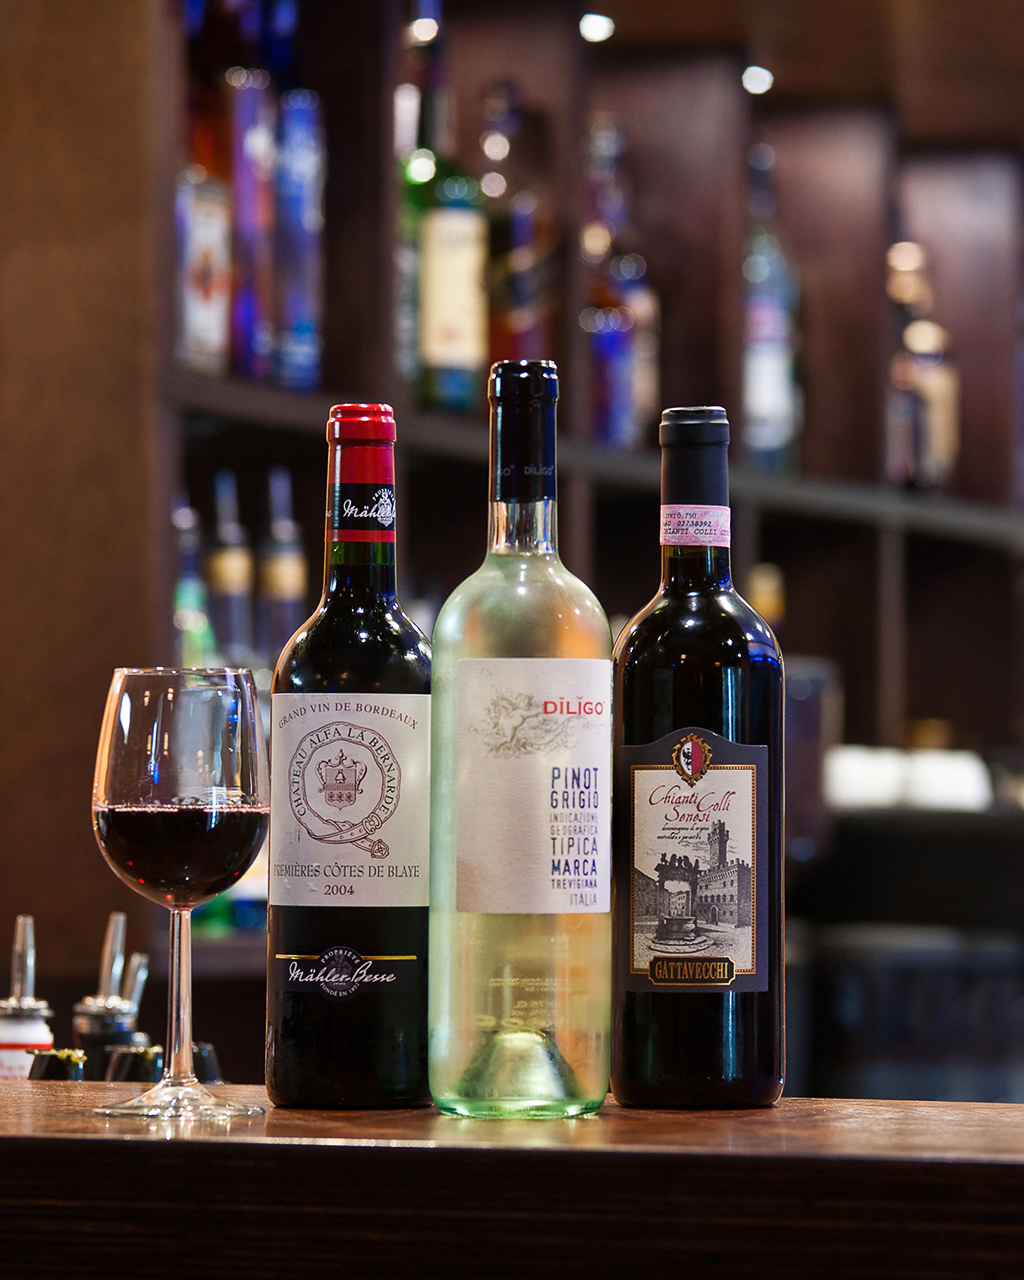 фотографии алкогольных напитков на барной стойке